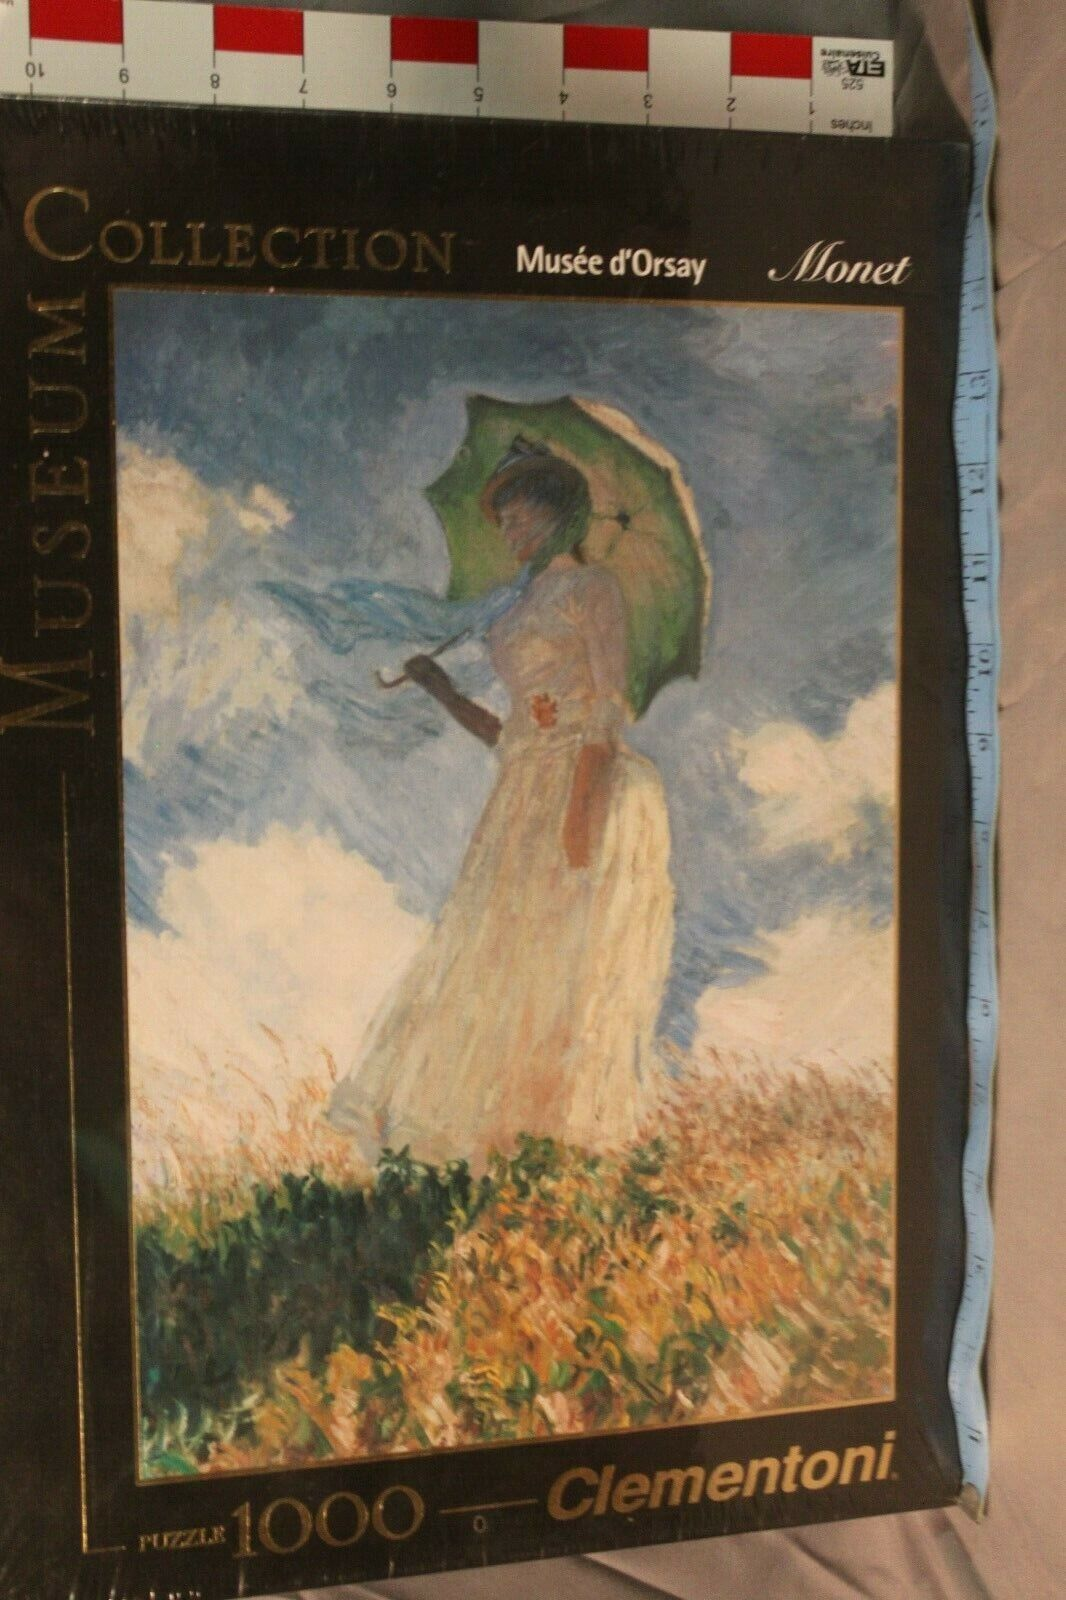 garanzia di qualità Clementoni Museum Collection 1000 Piece Puzzle Monet Lady Lady Lady With Parasol Sealed  consegna diretta e rapida in fabbrica